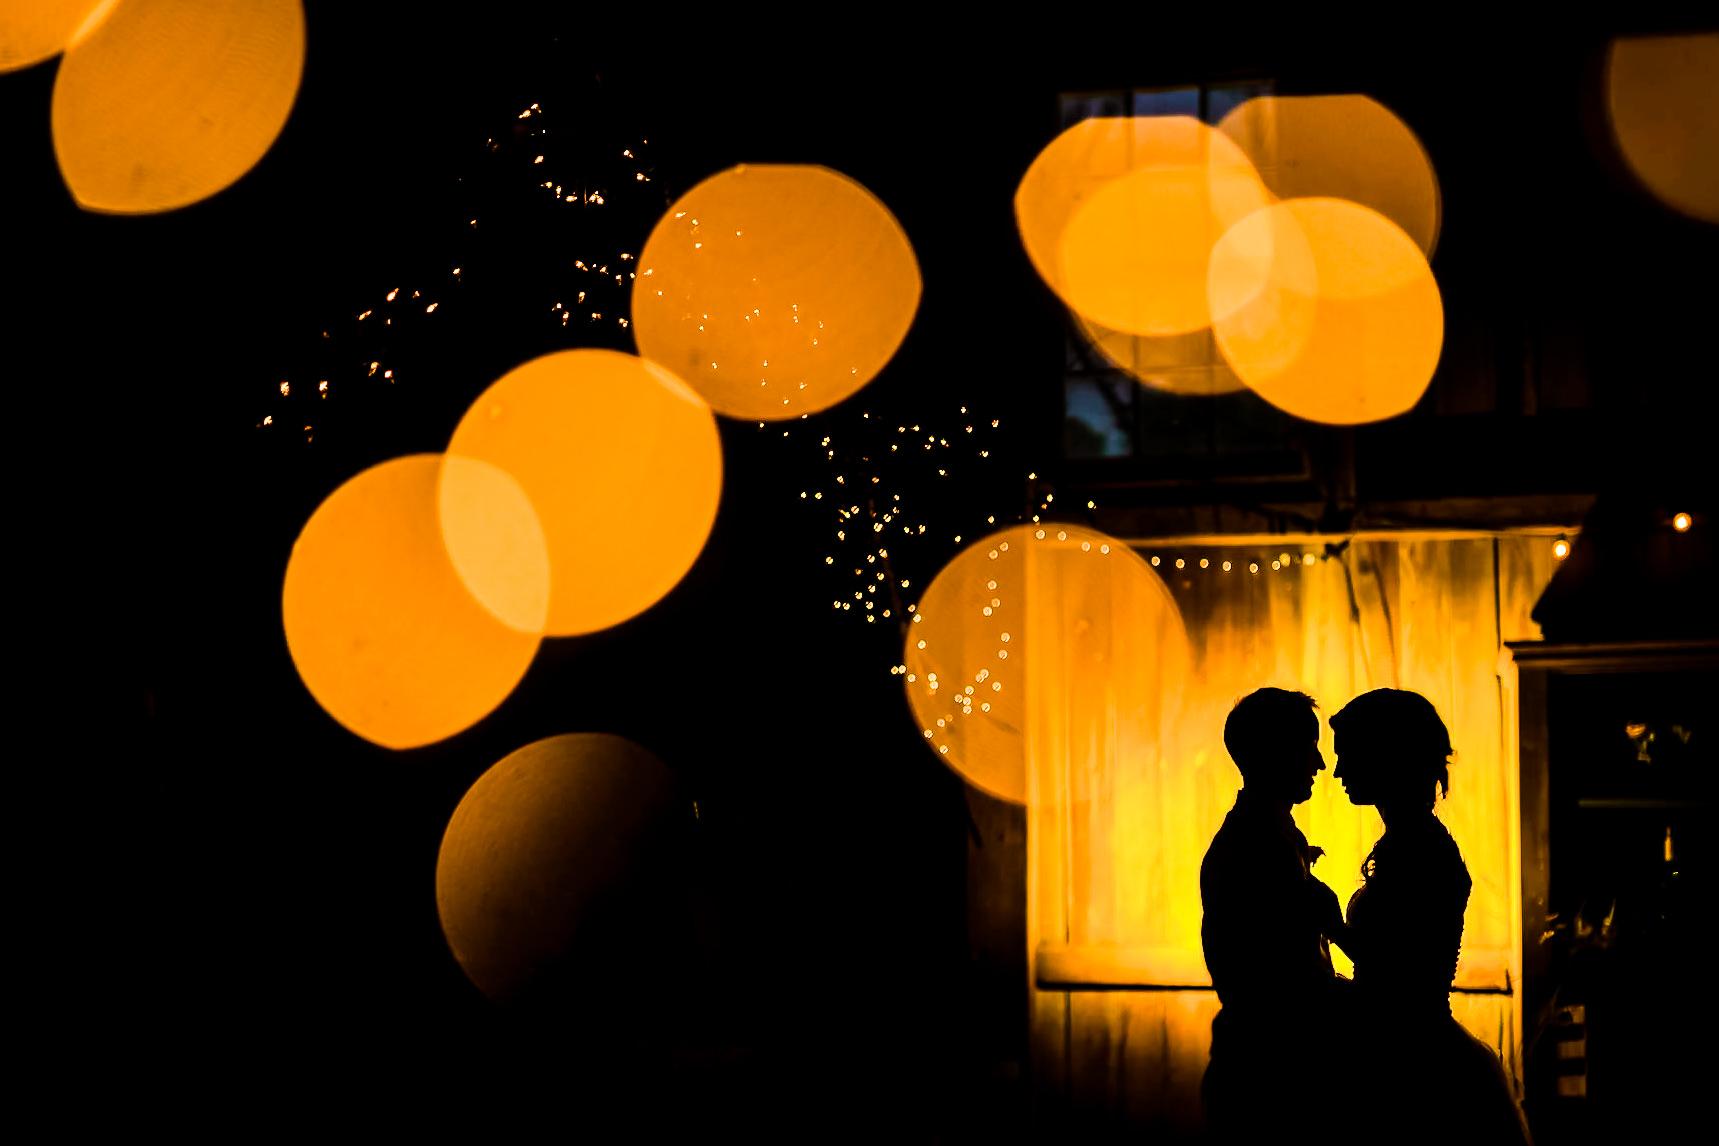 bokeh-silhouette-of-couple-under-golden-lights-smj-photography-pennsylvania